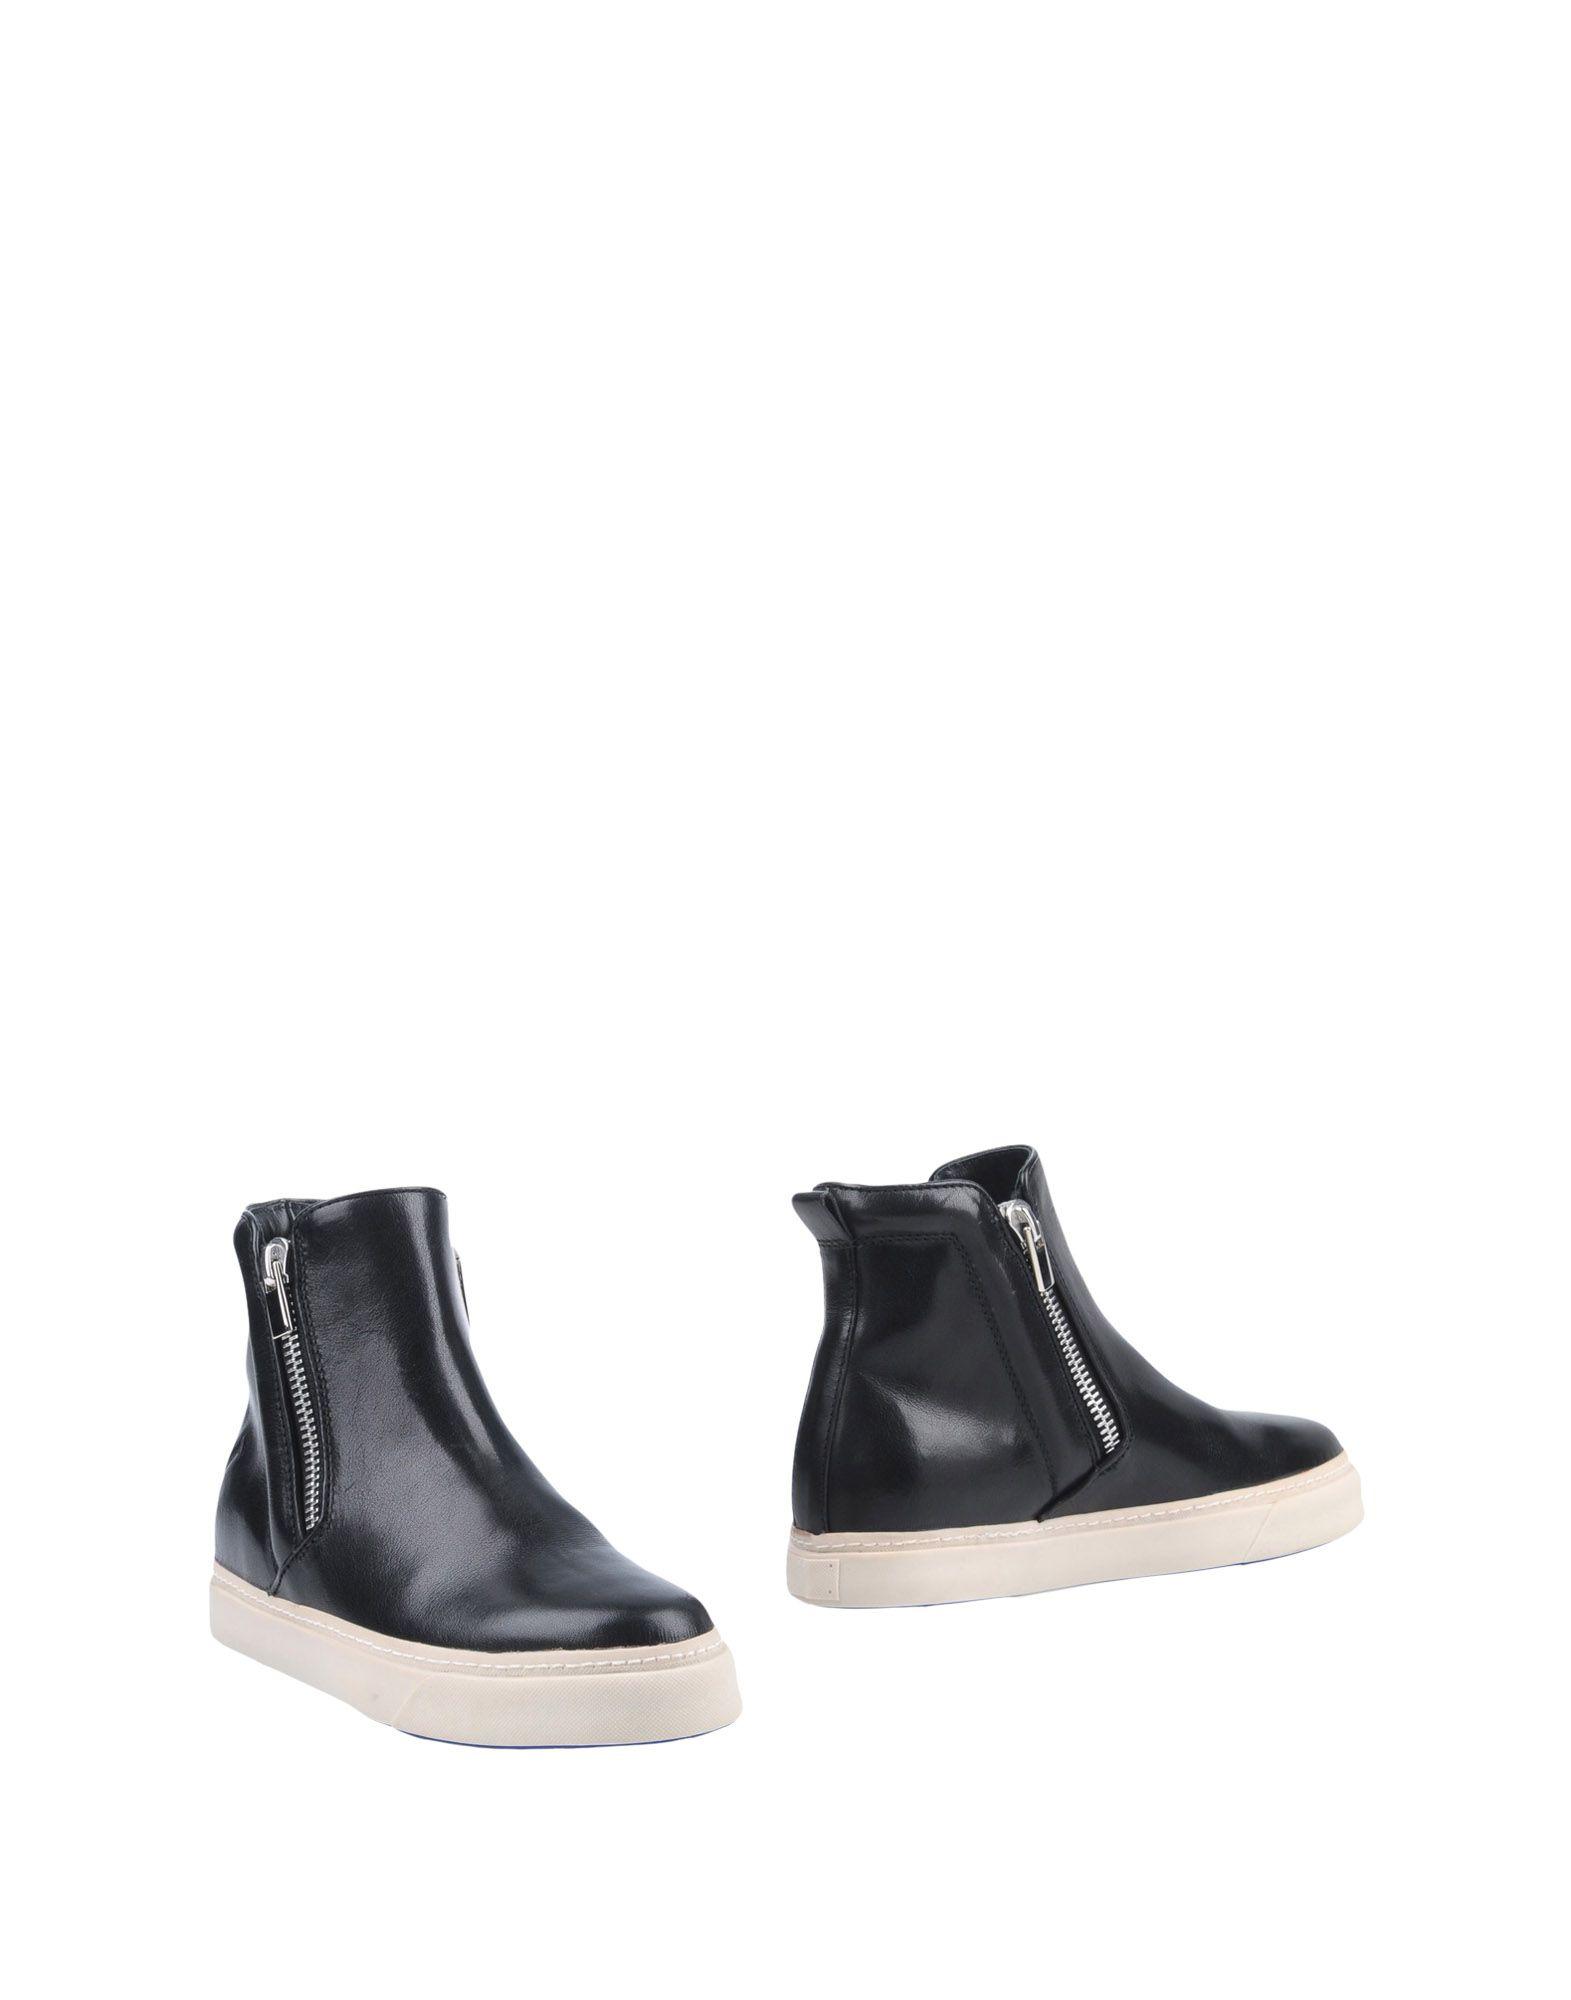 COSTUME NATIONAL Полусапоги и высокие ботинки цены онлайн